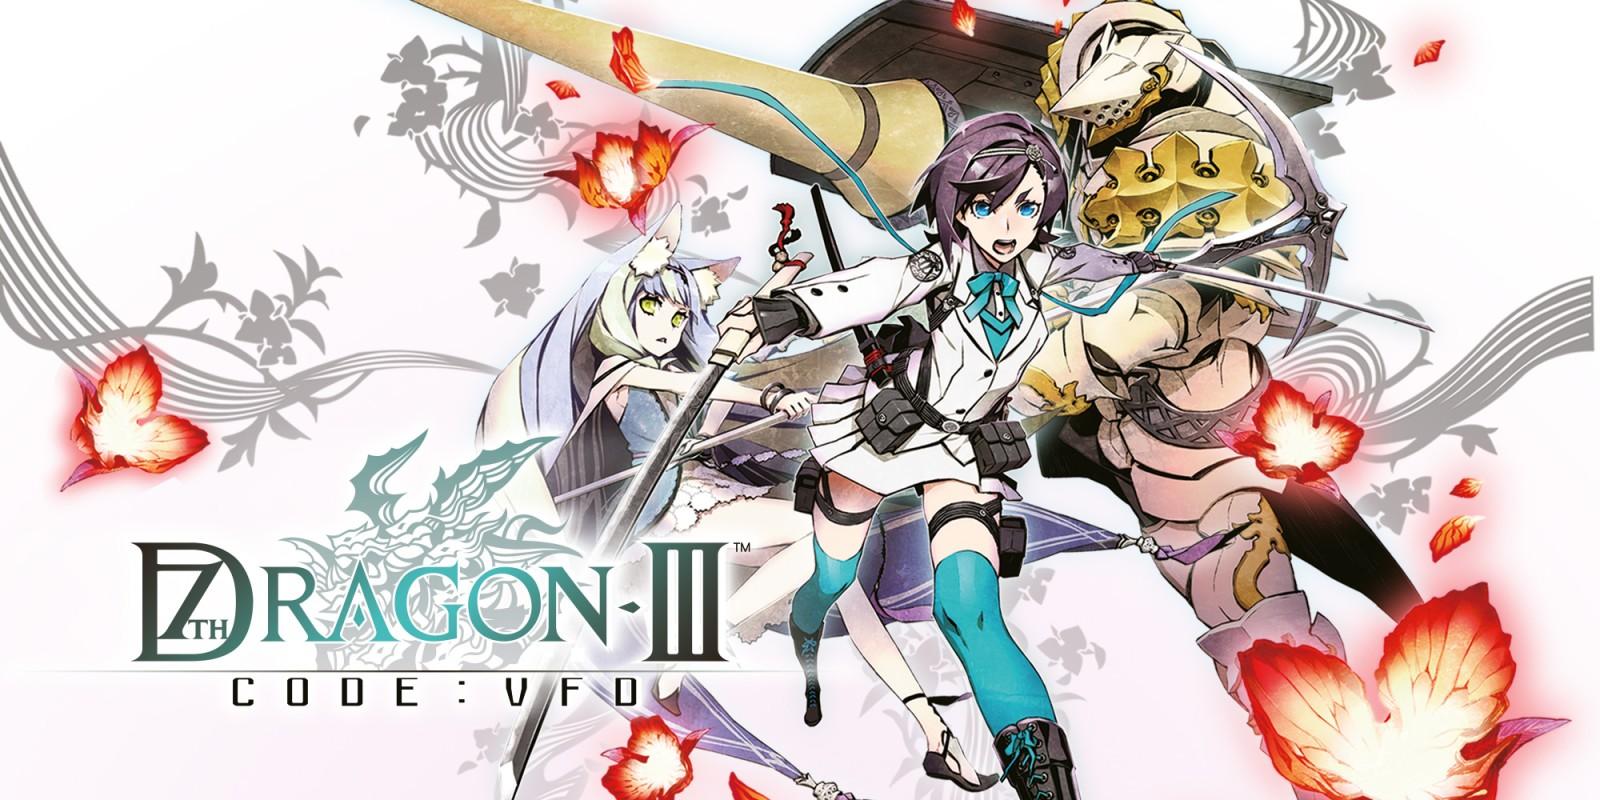 Diretor da série 7th Dragon tem interesse em um remake do primeiro jogo e uma sequência